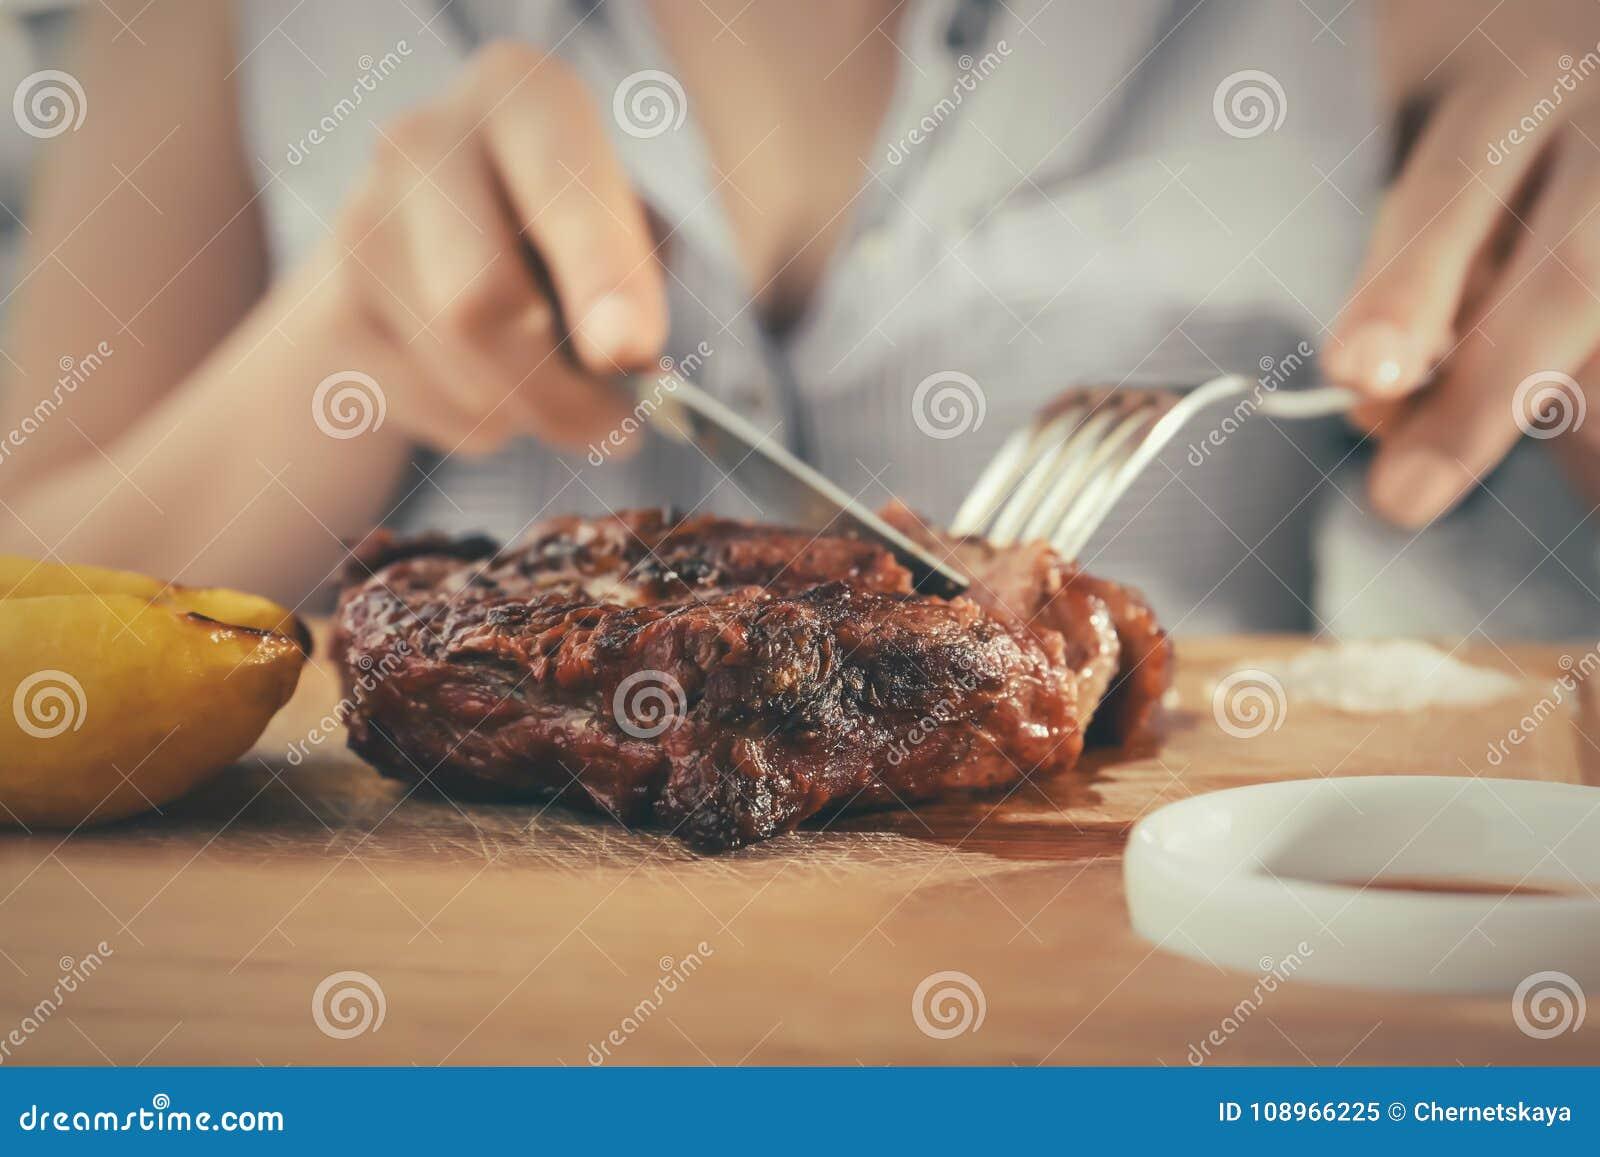 Mujer que come el filete asado a la parrilla delicioso